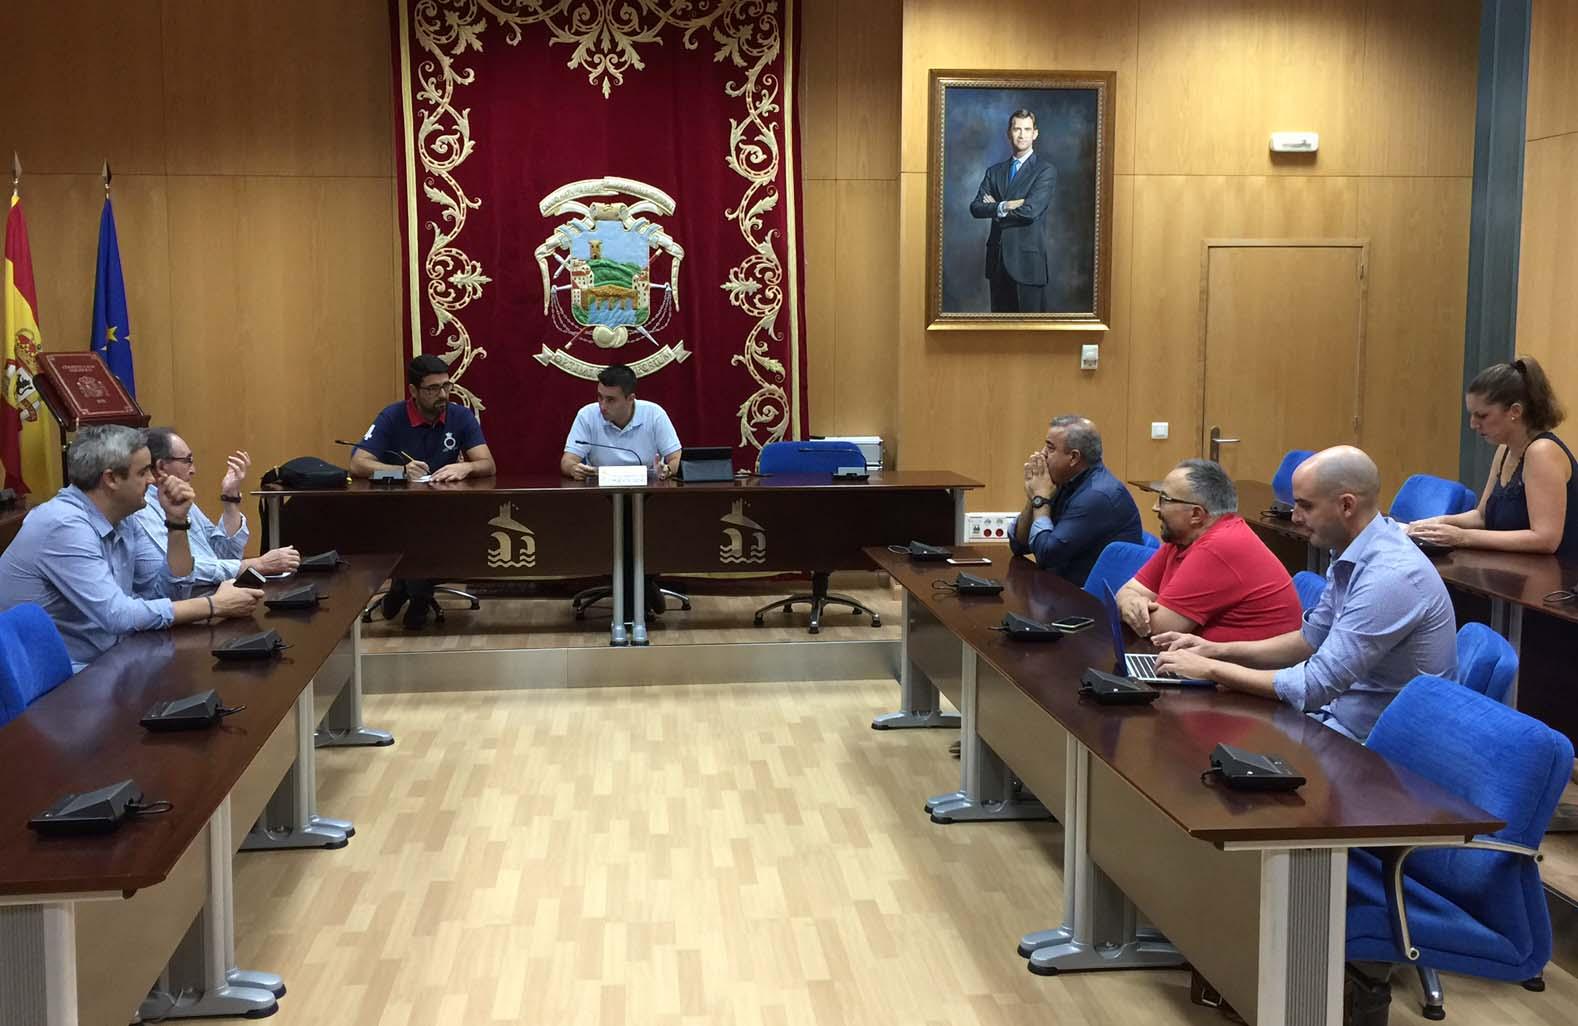 Reunión del Consejo Escolar  en el inicio del curso